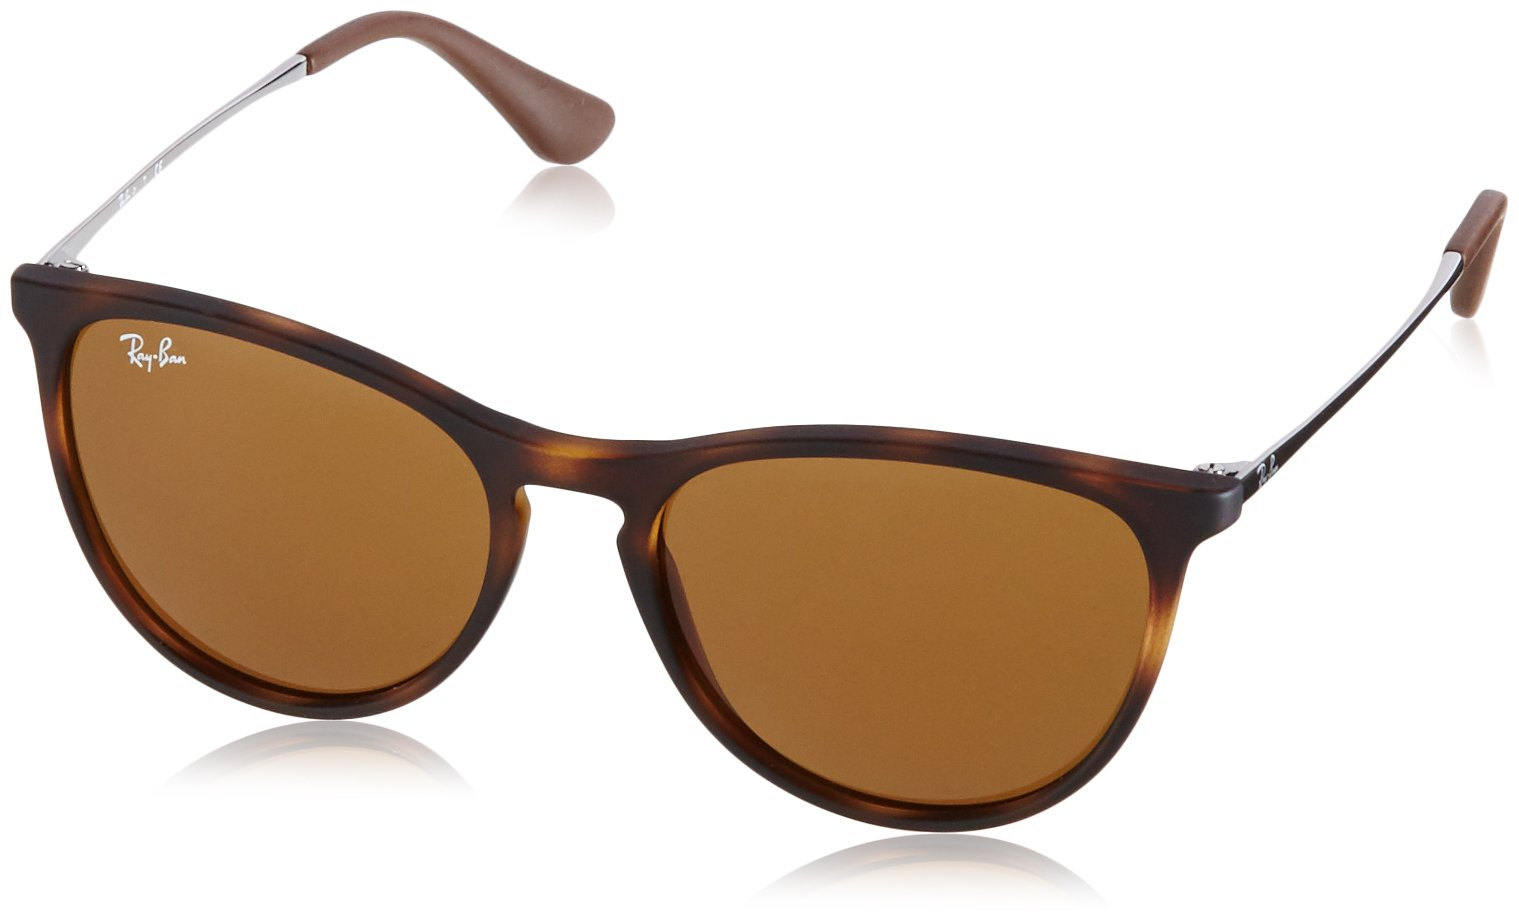 Ray-Ban Girls' Izzy Junior Round Sunglasses, Rubber Havana 700673, 50 mm